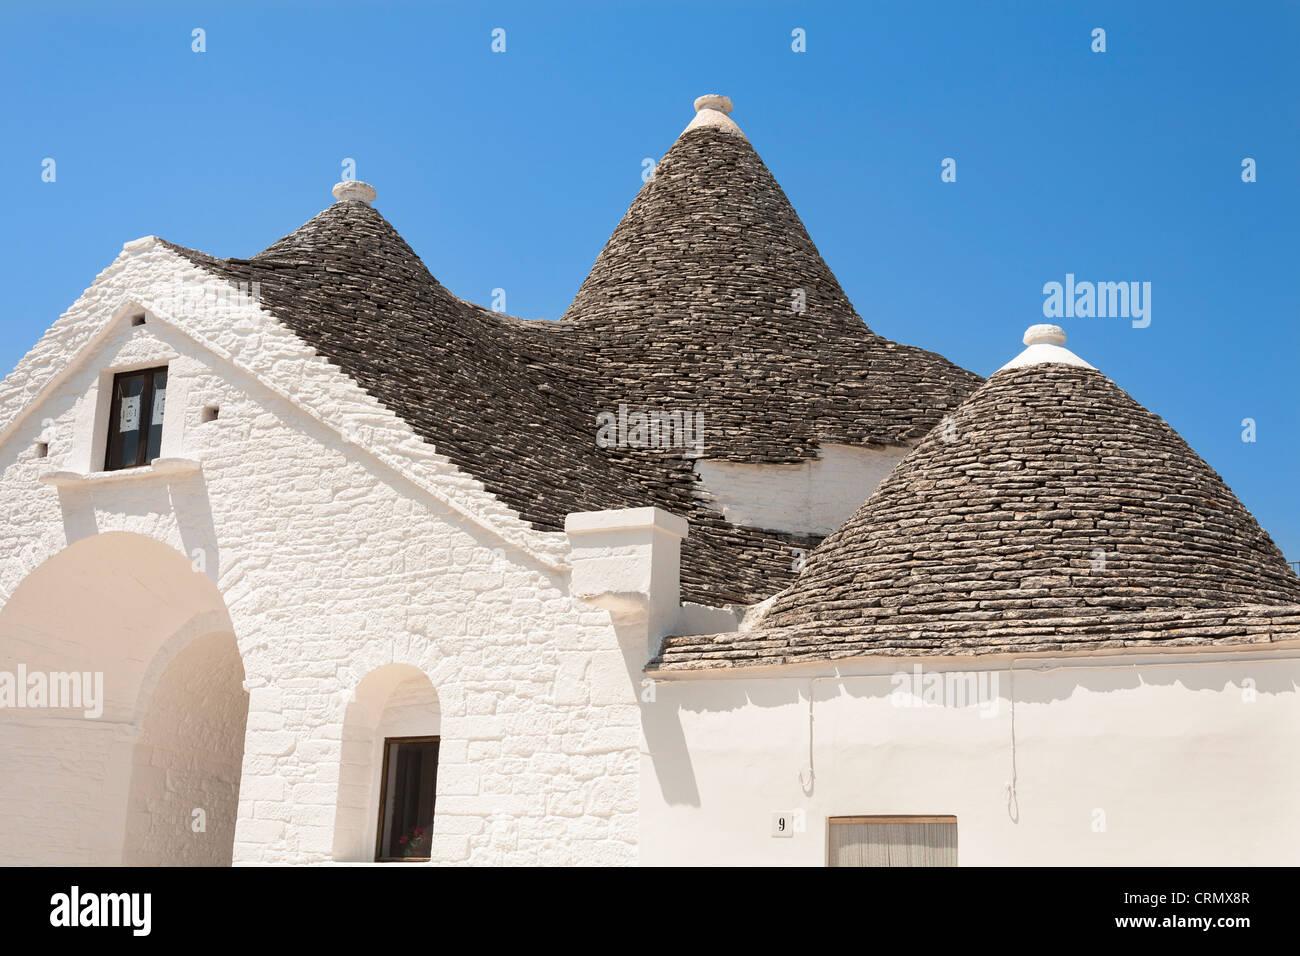 El techo del trullo Sovrano, Piazza Sacramento, Alberobello, provincia de Bari, en la región de Puglia, Italia Imagen De Stock